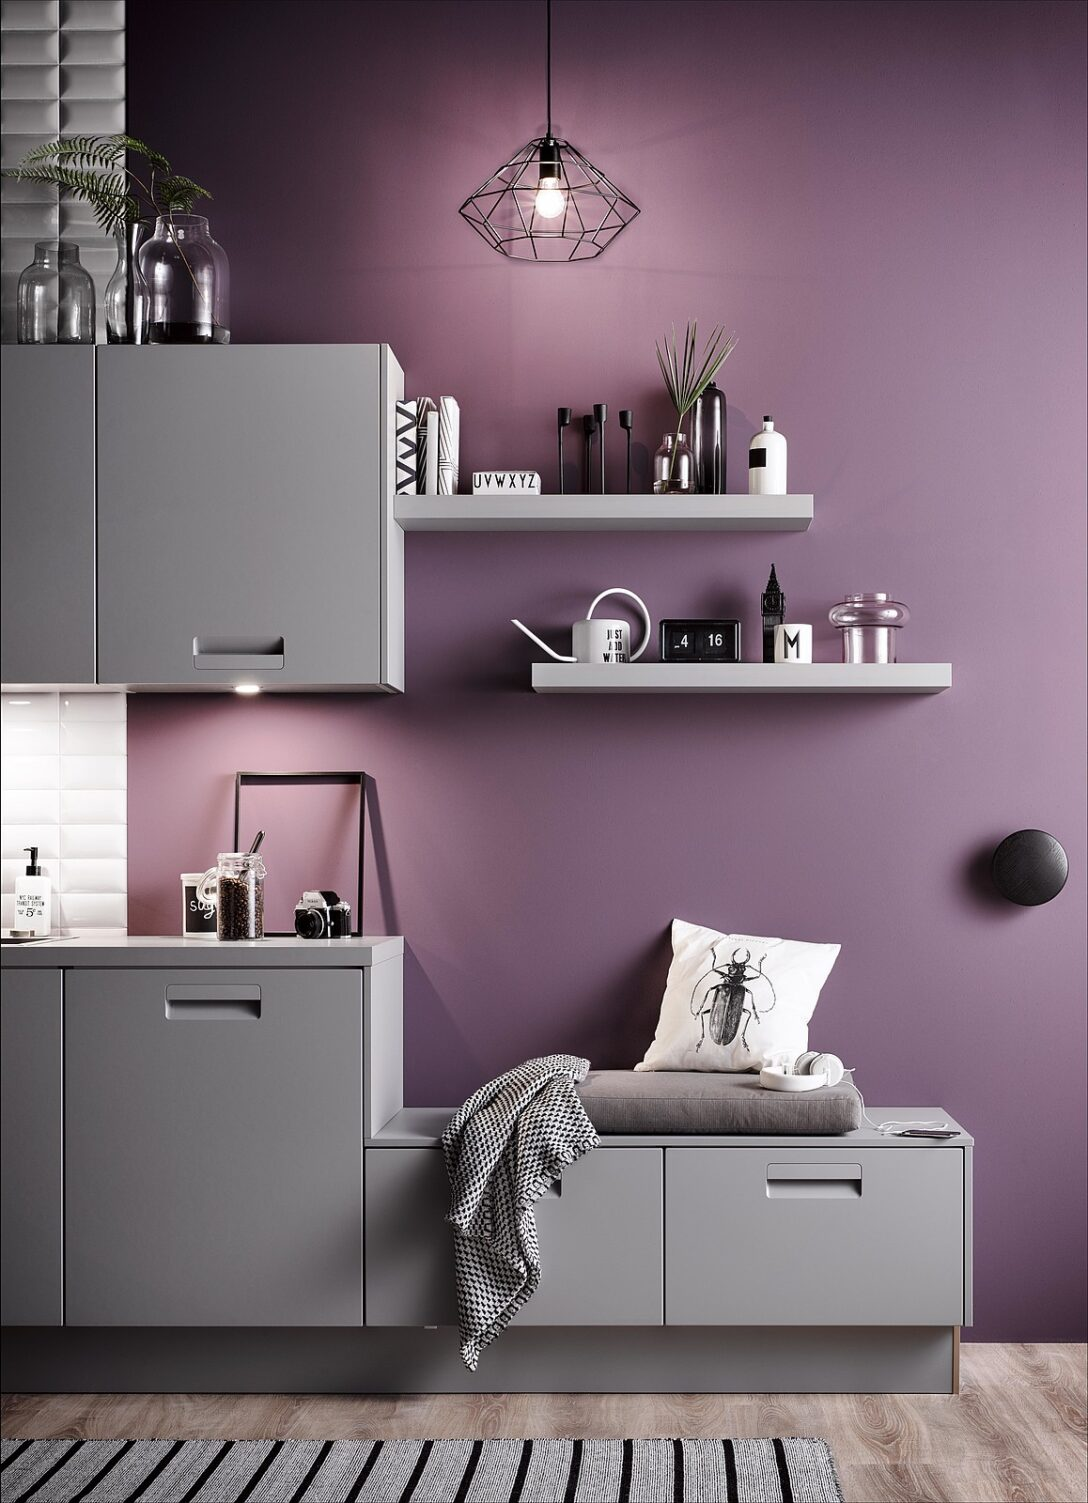 Large Size of Kchenfarben Welche Farbe Passt Zu Wem Küche Rosa Wohnzimmer Wandfarbe Rosa